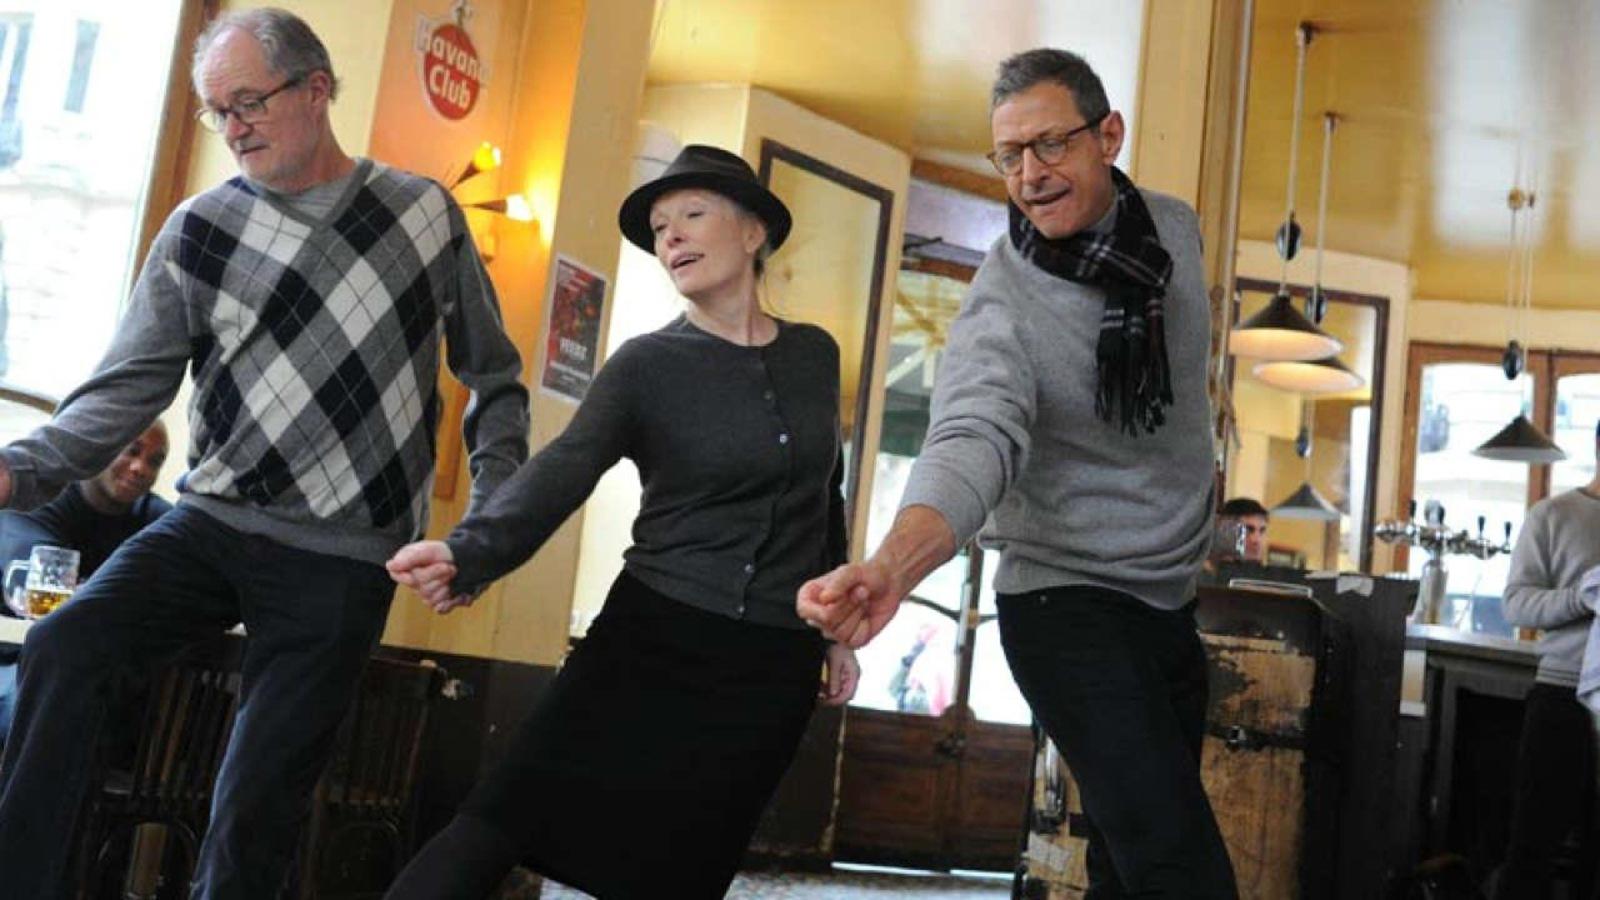 Dans un café parisien, deux hommes et une femme portant un chapeau esquissent un pas de danse.